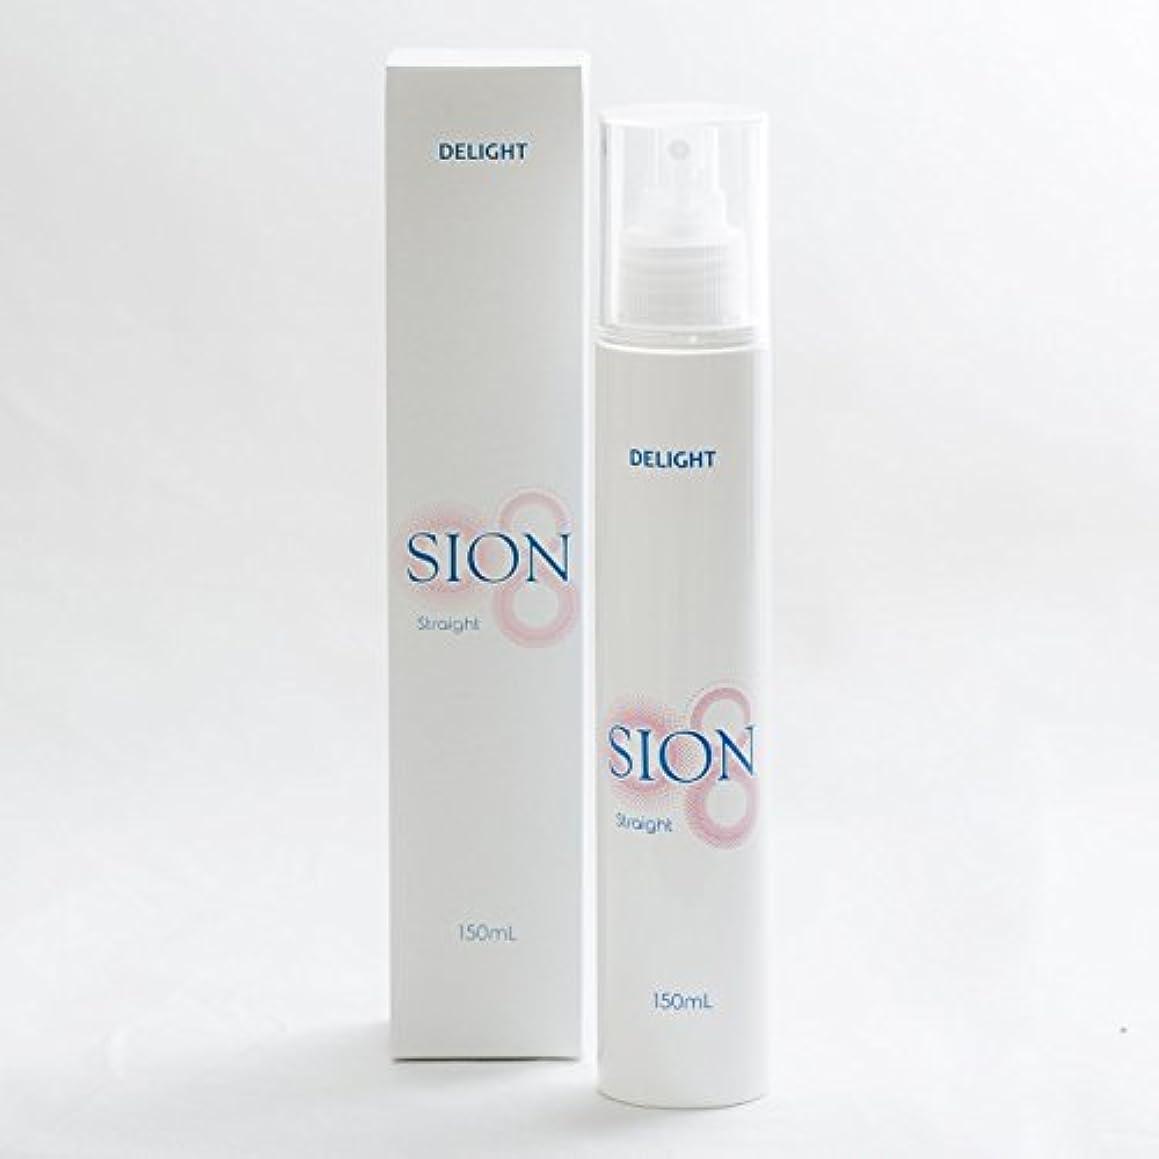 機知に富んだ読みやすさ特殊[DELIGHT] SION Straight 150mL 化粧水 高機能還元性イオン水 (S-109)